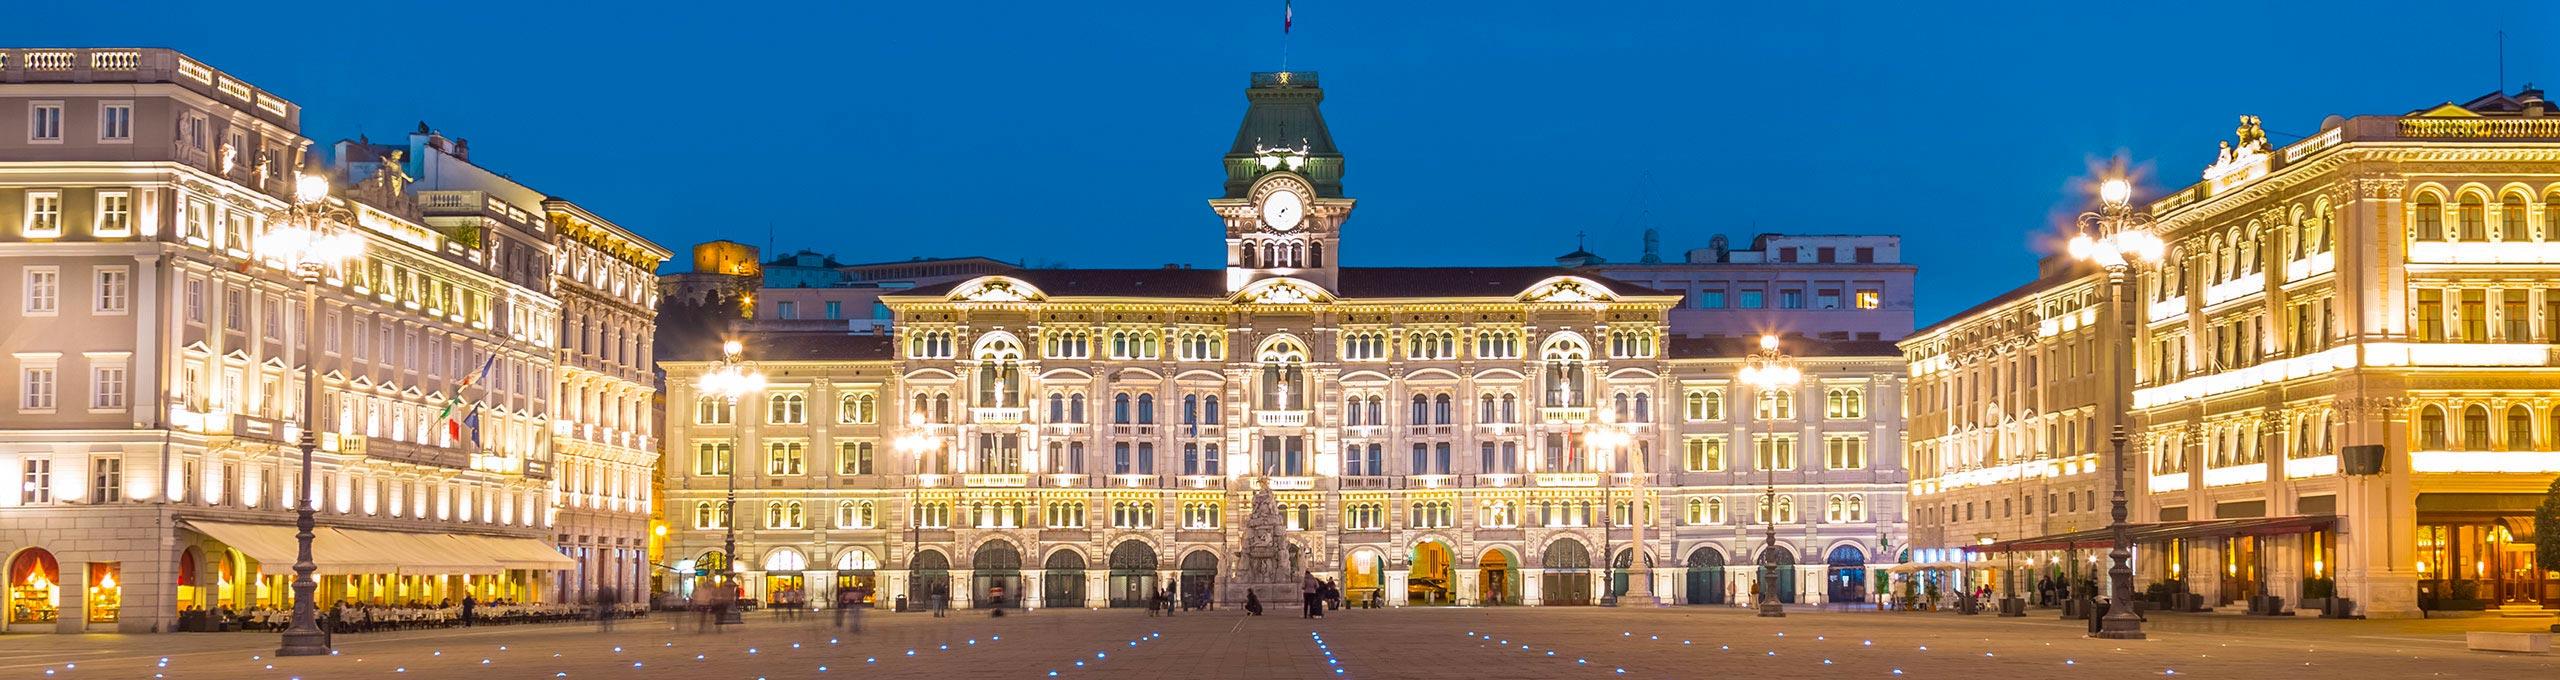 Trietse, palazzo del Municipio